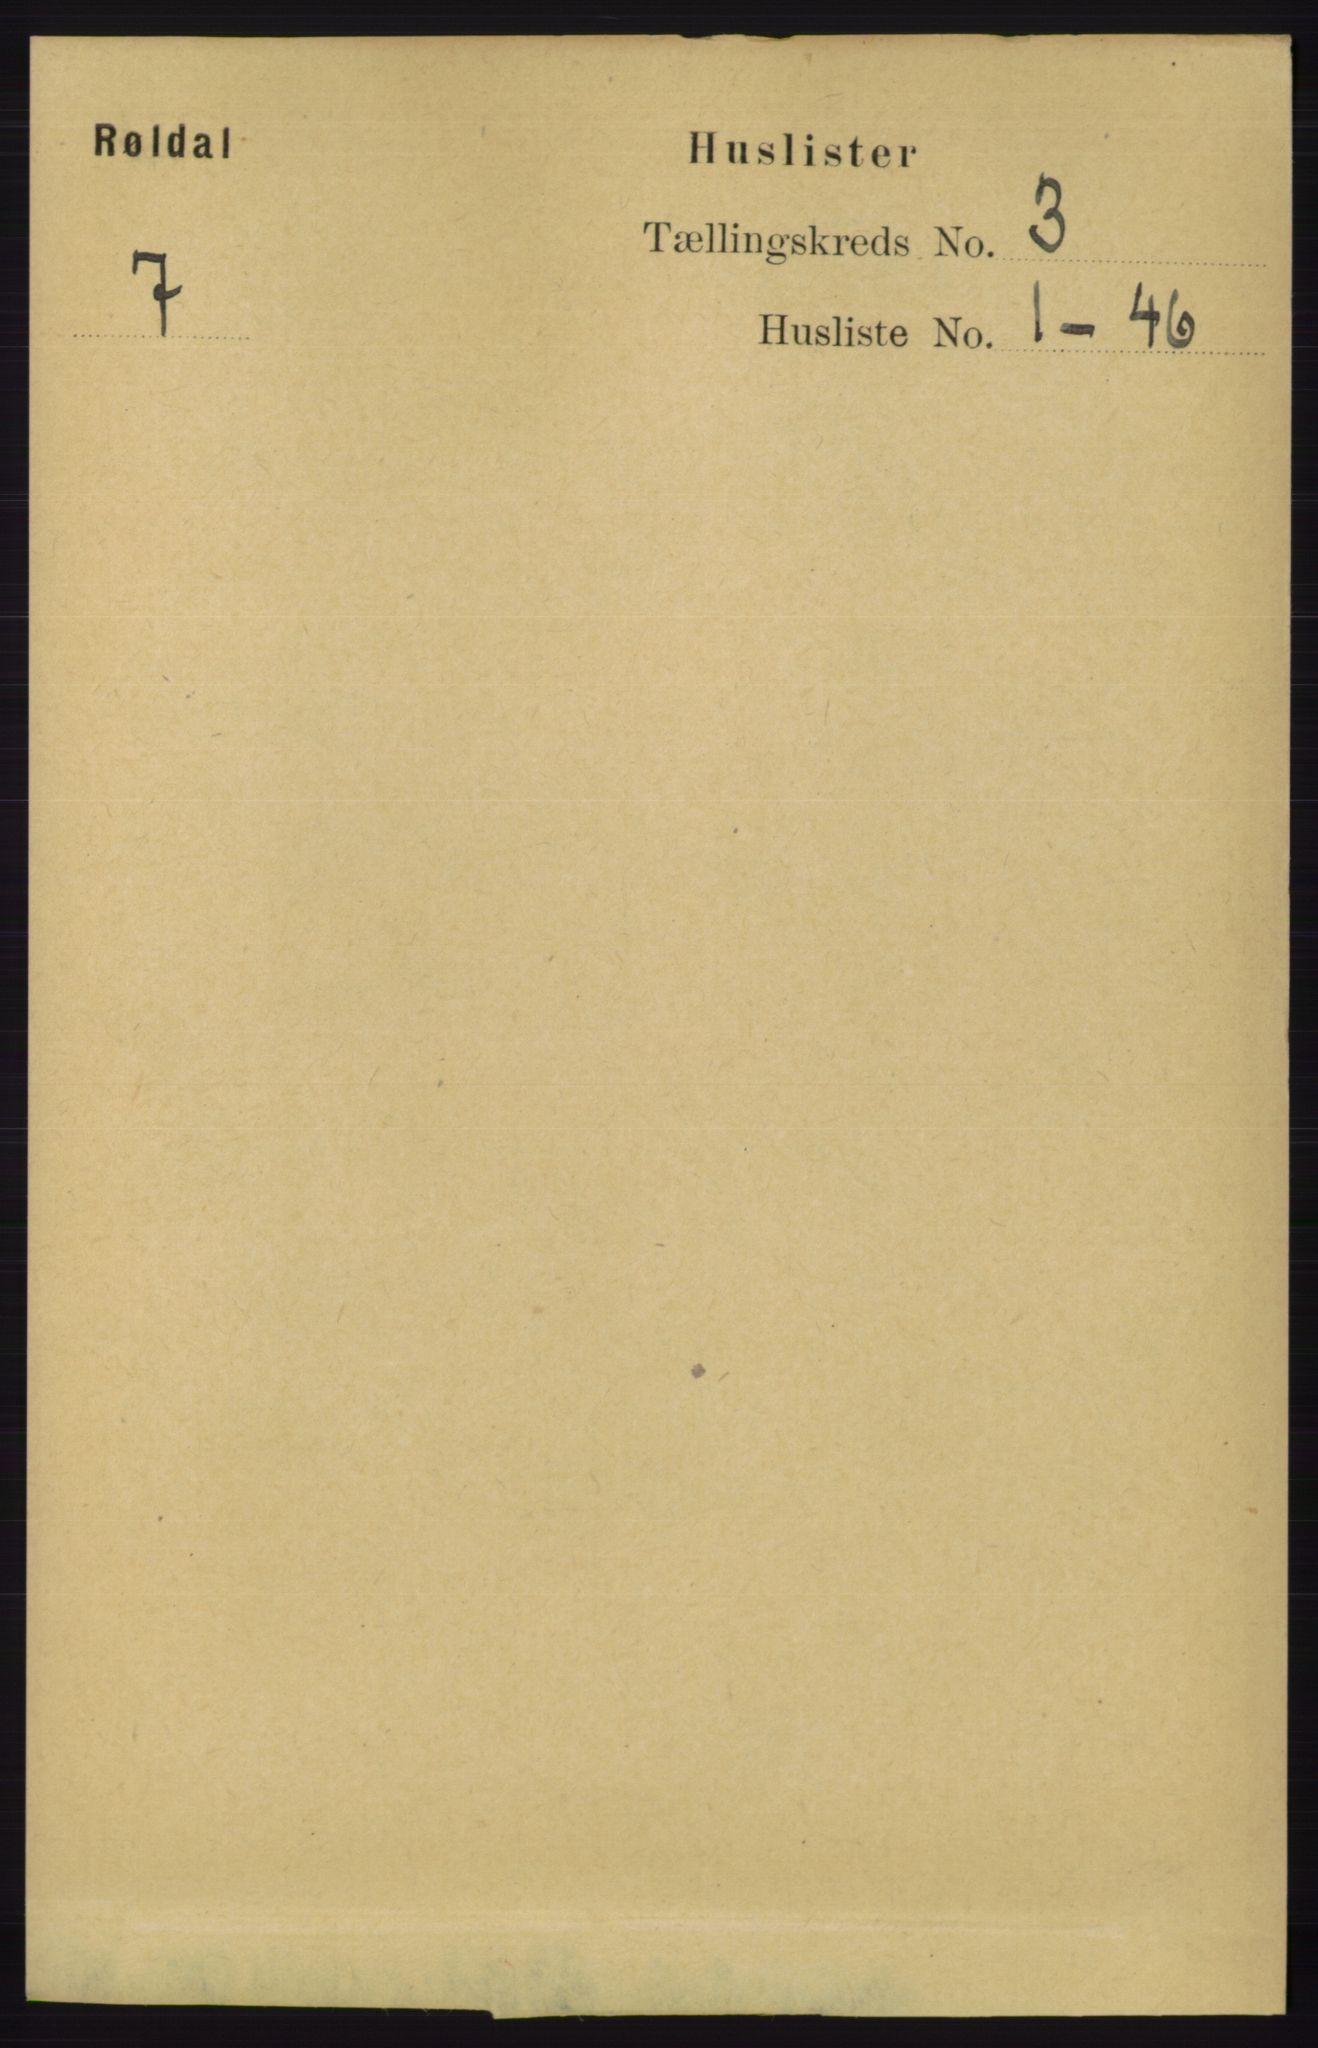 RA, Folketelling 1891 for 1229 Røldal herred, 1891, s. 851